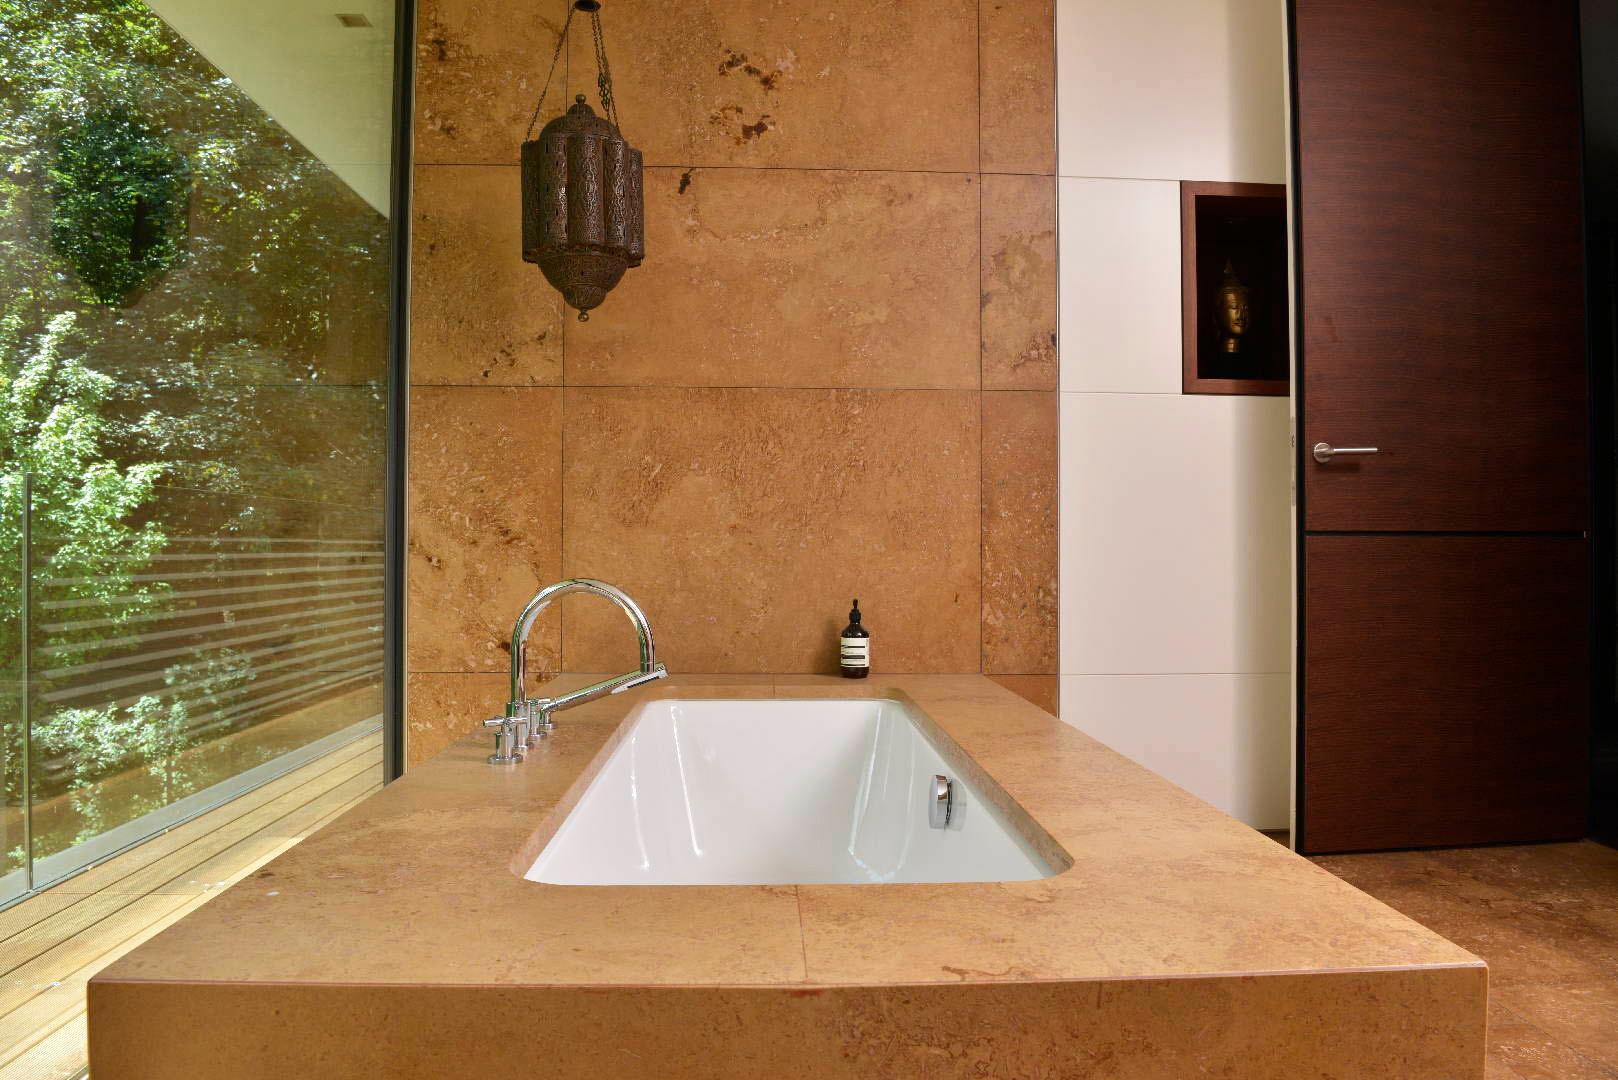 naturstein badewanne der steinblock wird mit tiefen frsungen geformt with naturstein badewanne. Black Bedroom Furniture Sets. Home Design Ideas